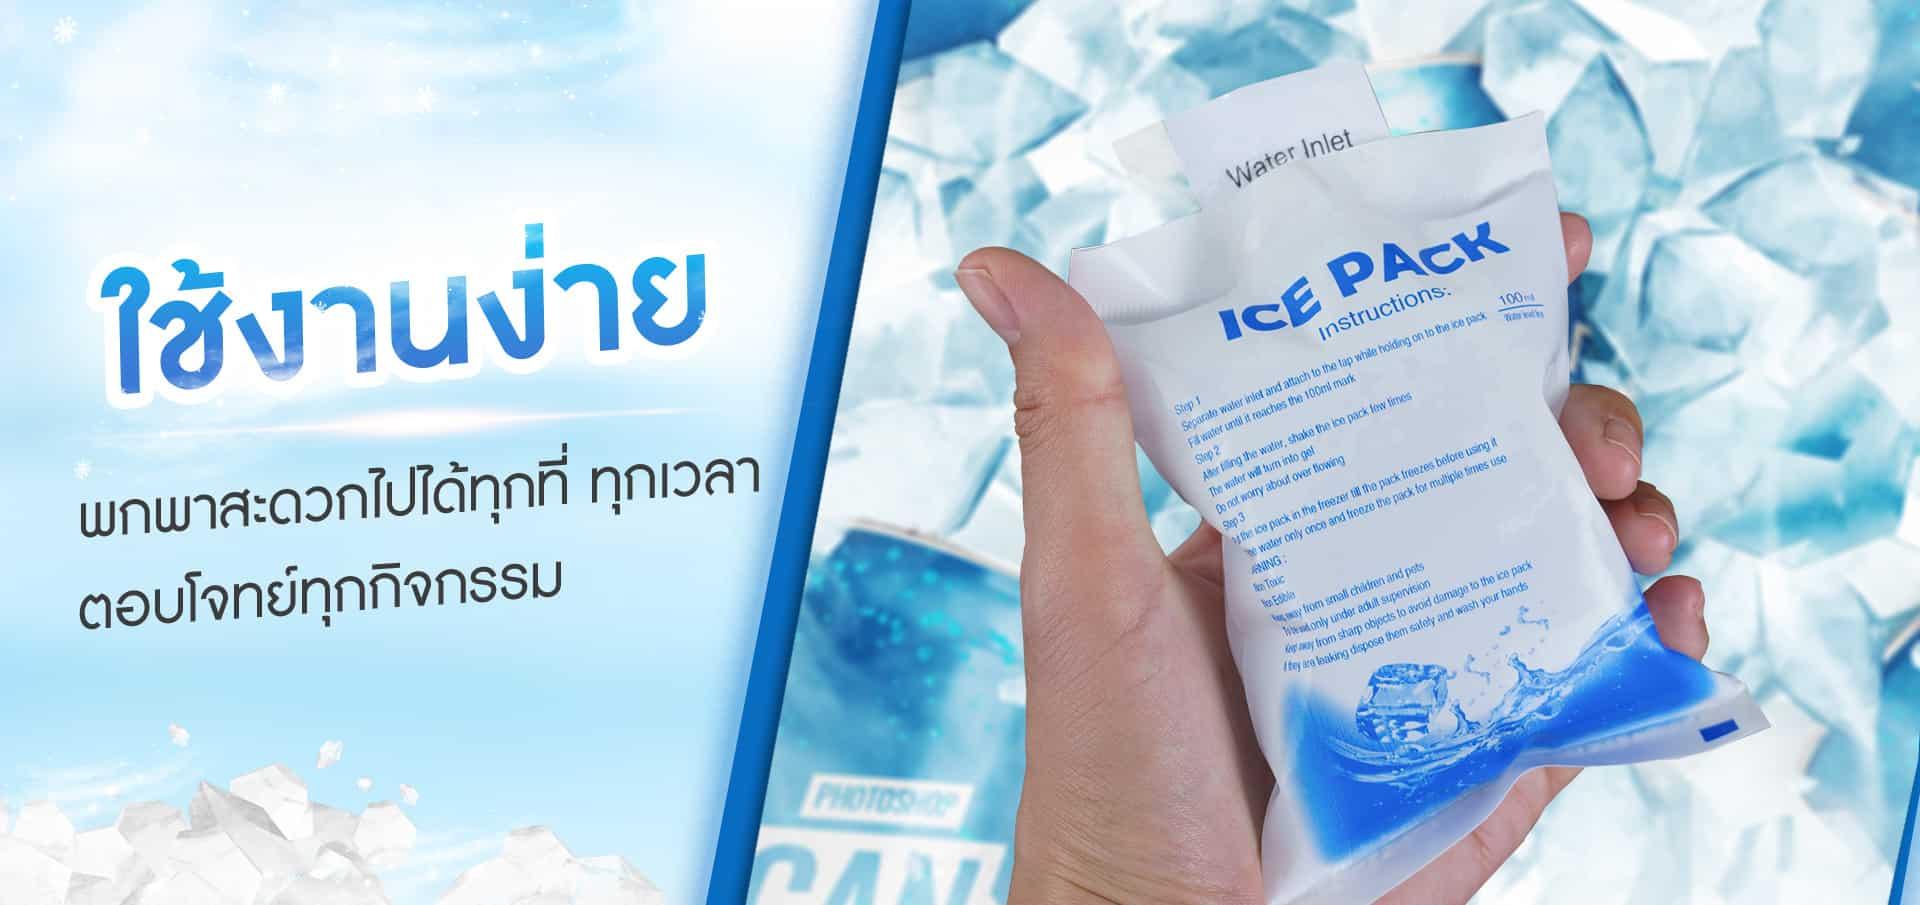 ไอซ์เจล-น้ำแข็งแห้ง---คุณสมบัติ-2